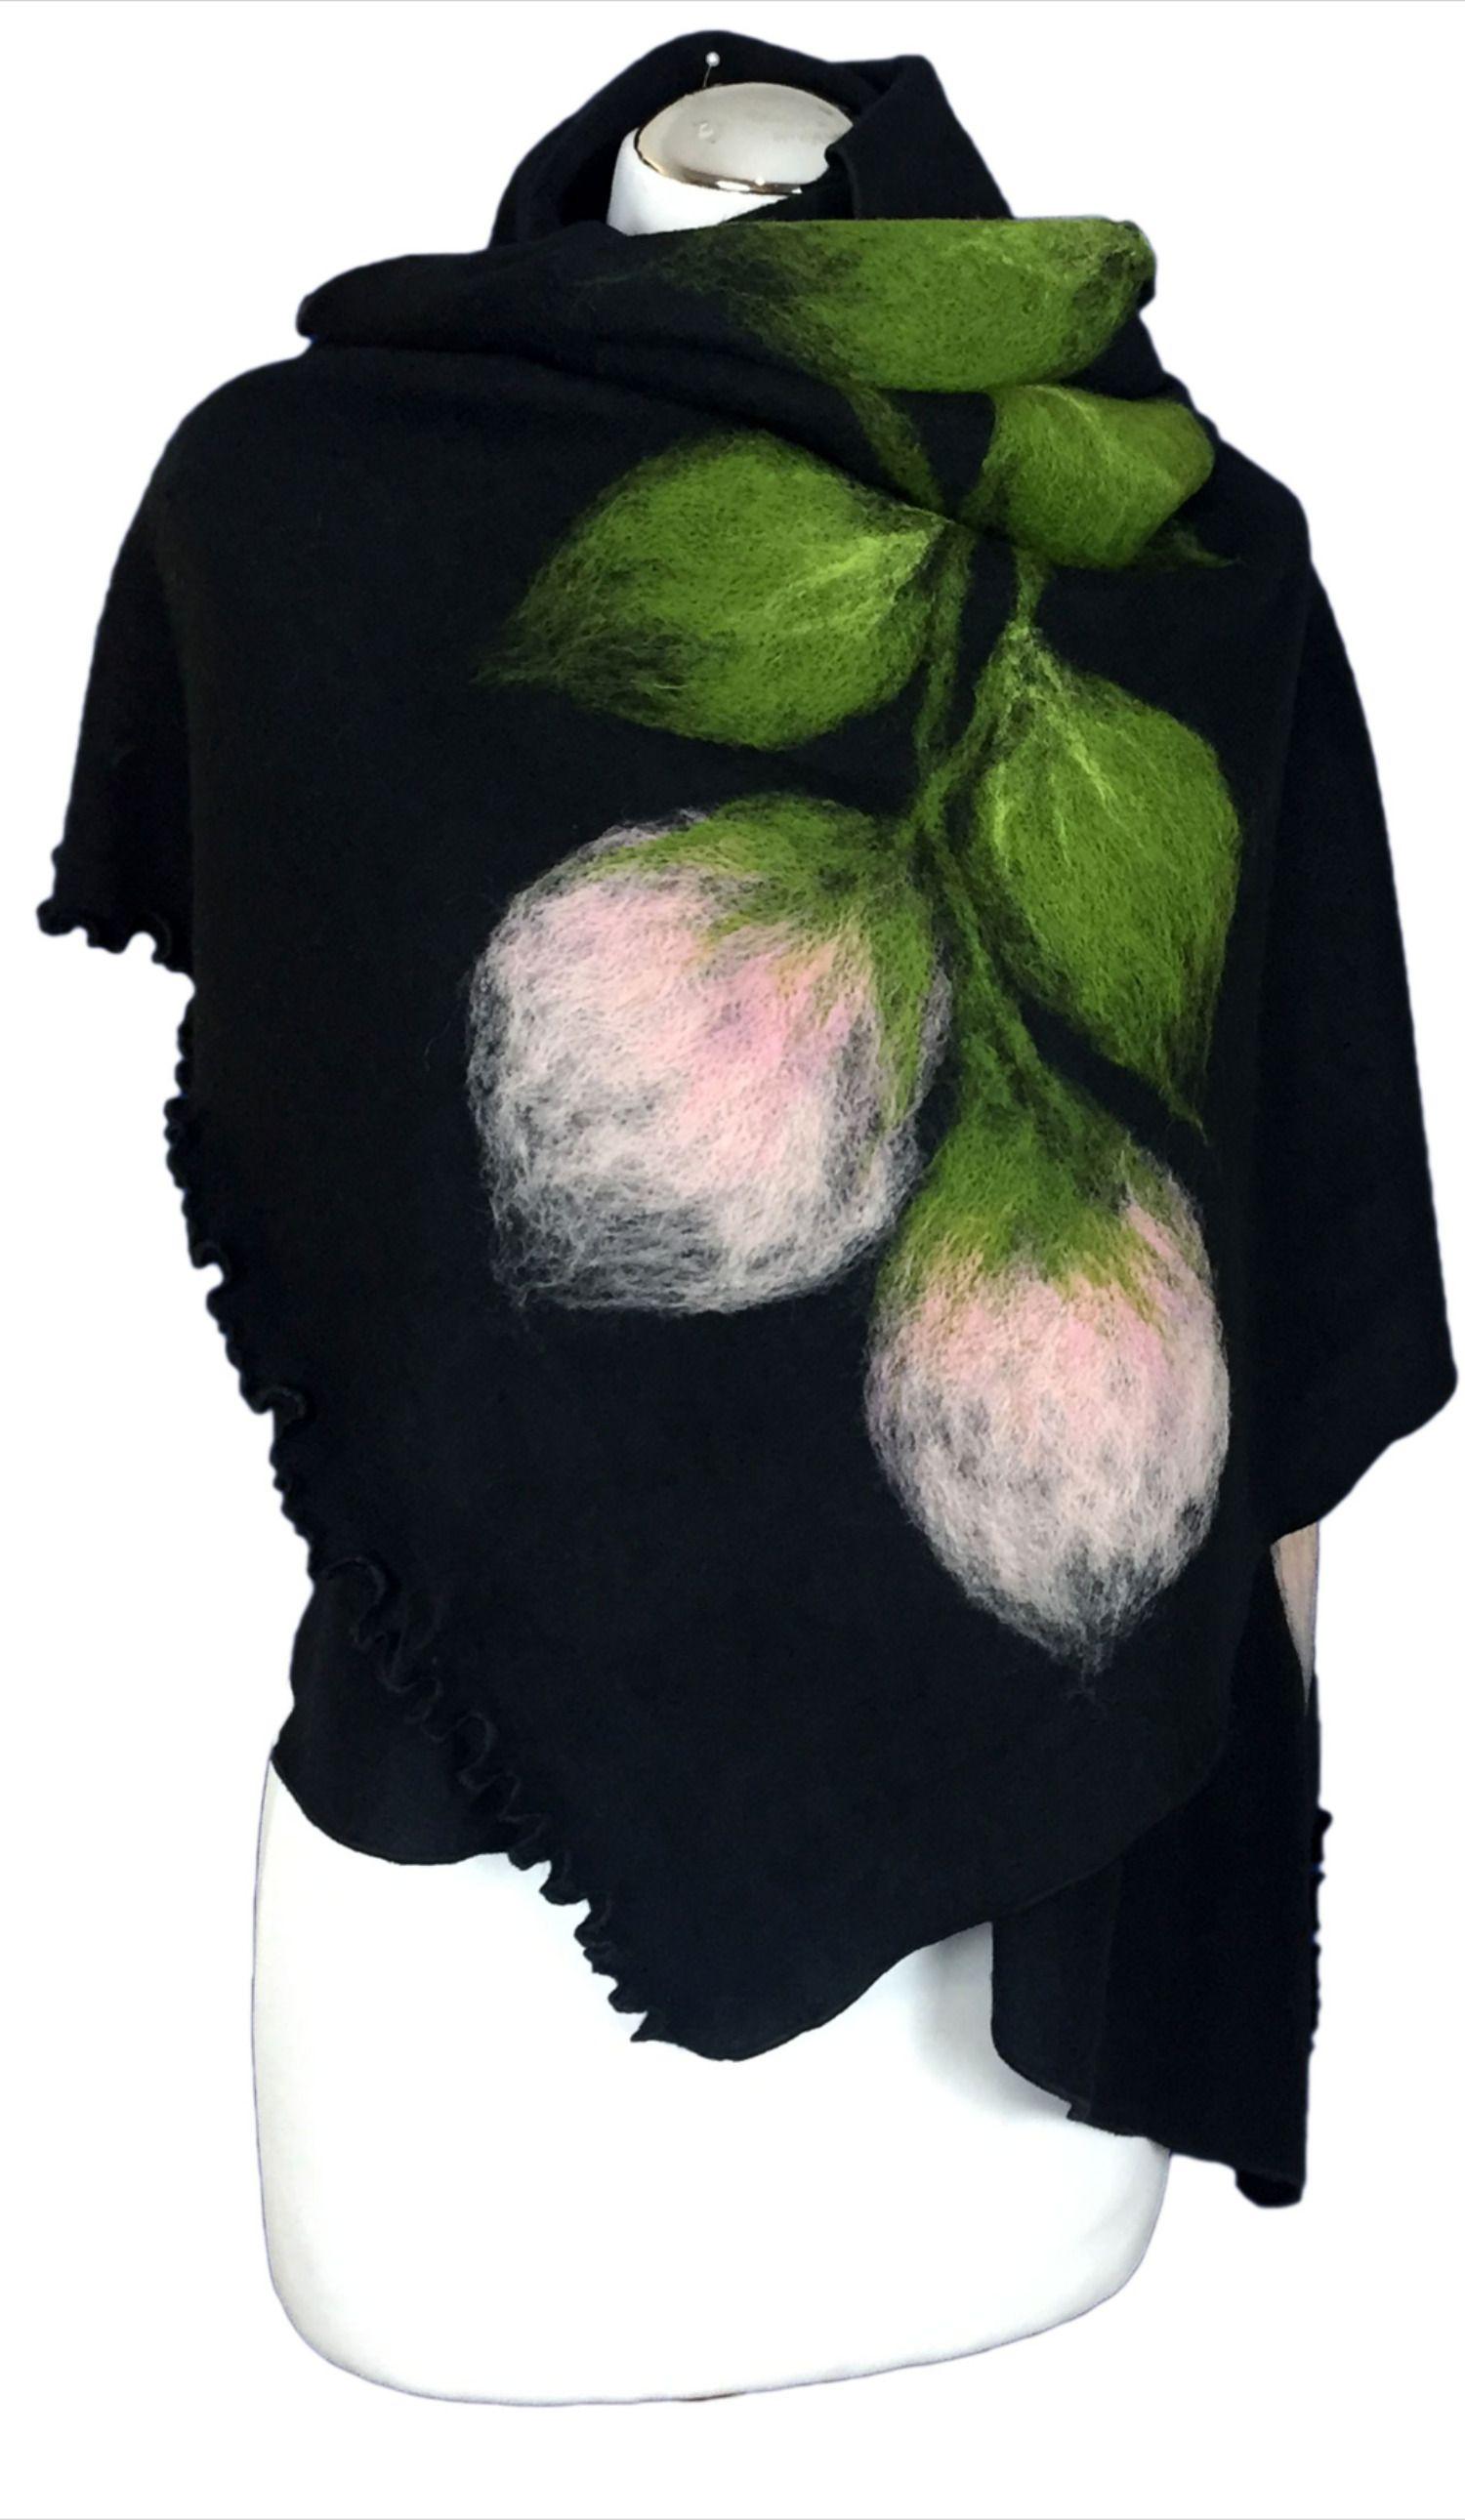 Szal Duzy Wzor Filcowany Welna Model S2 8699582955 Oficjalne Archiwum Allegro Fashion Poncho Sweaters